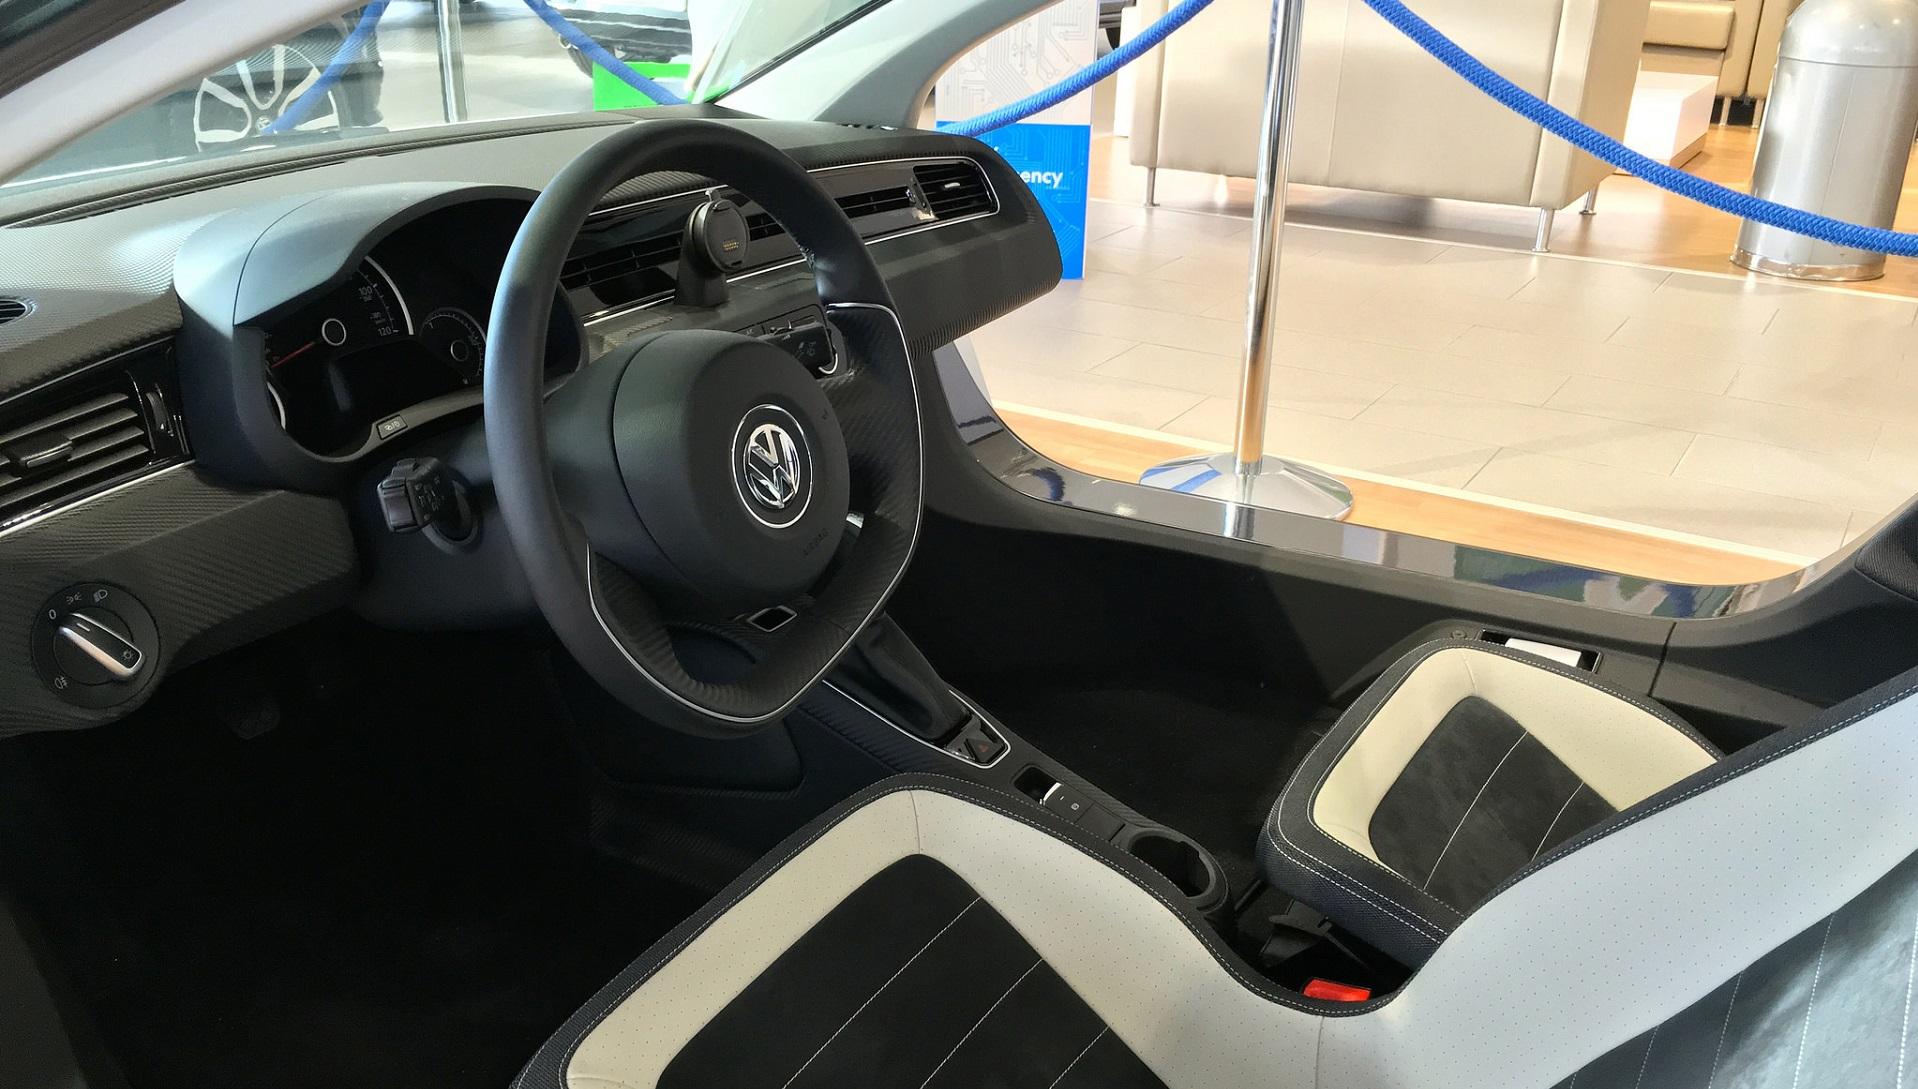 Volkswagen ofrecerá opción eléctrica para todos sus modelos en 2030